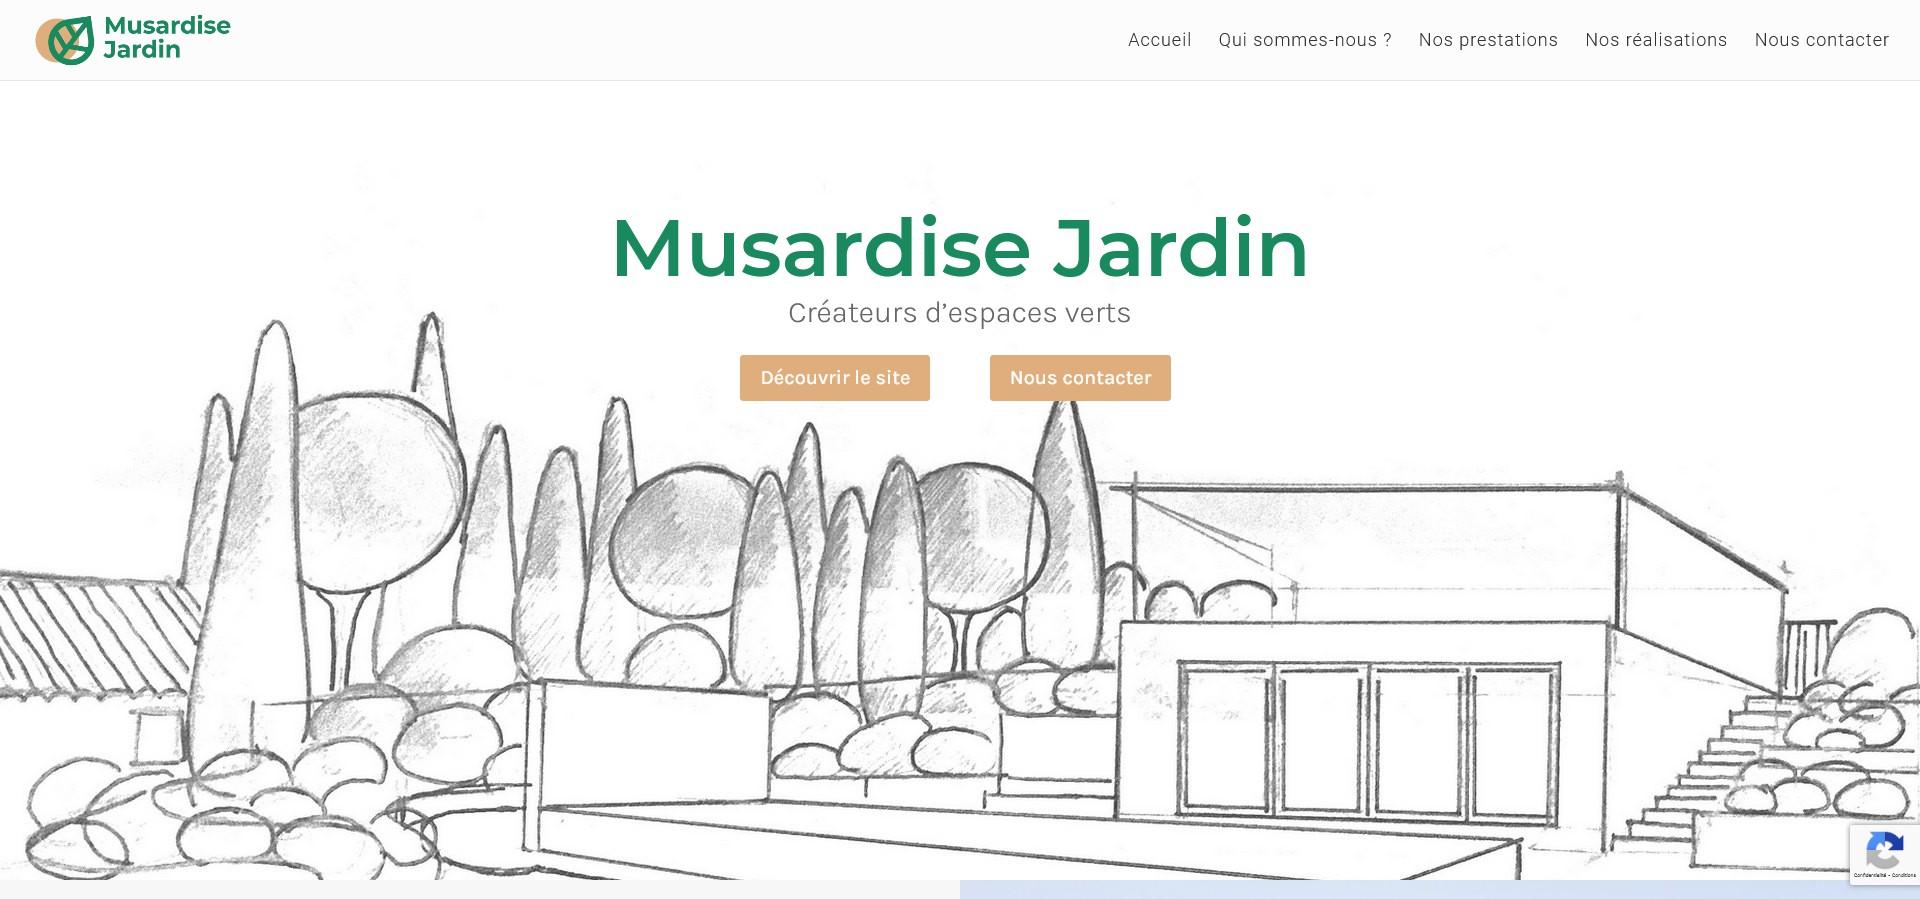 Musardise Jardin